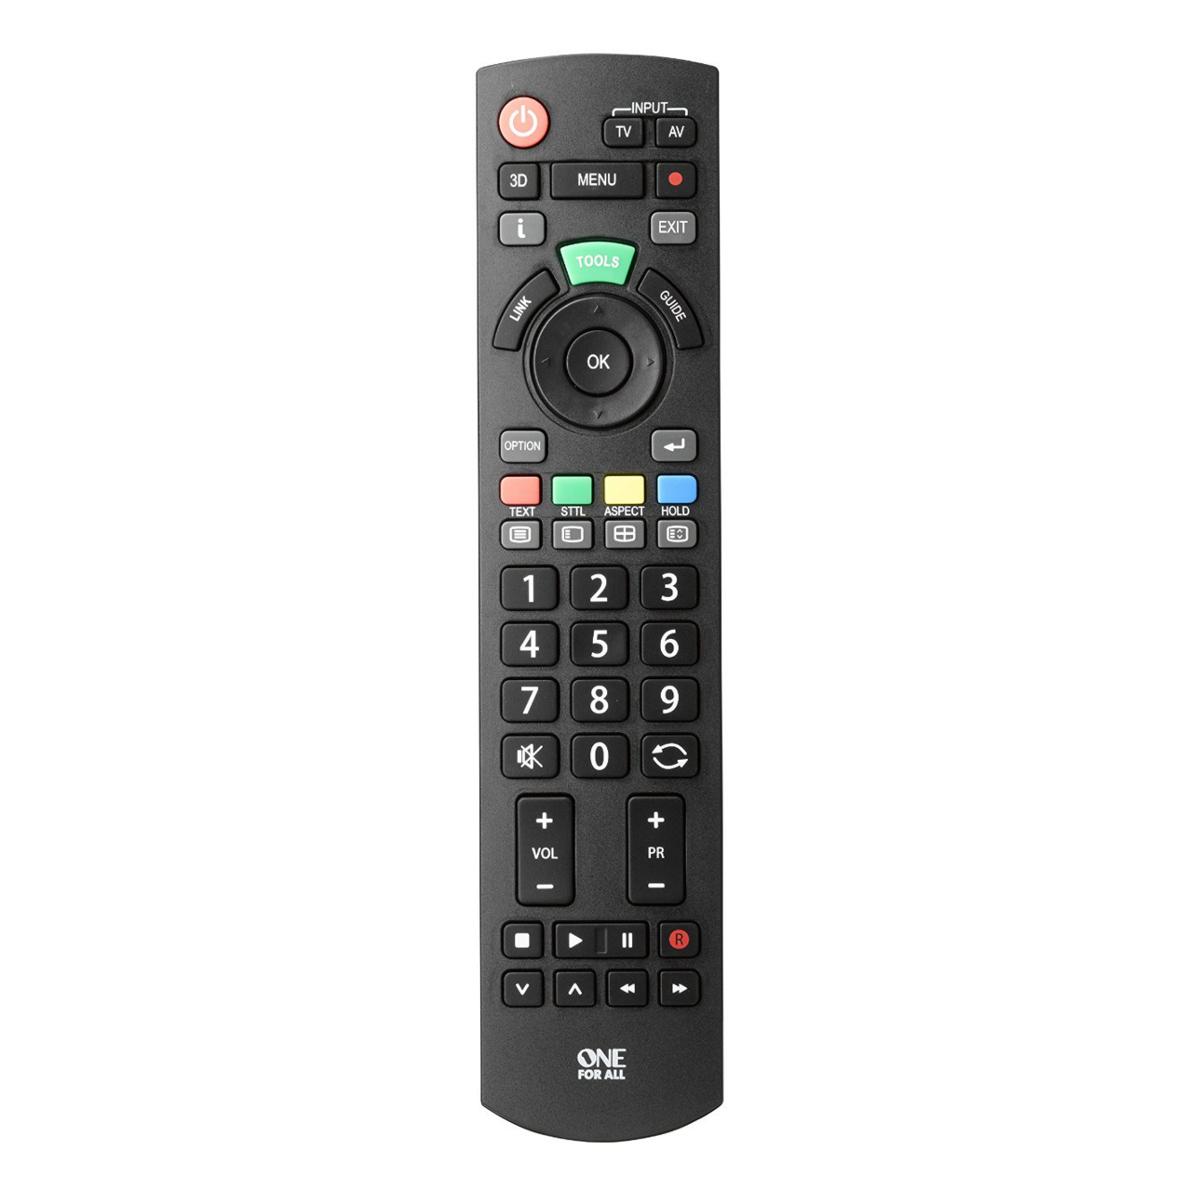 Пульт универсальный OneForAll URC1914 для телевизоров Panasonic